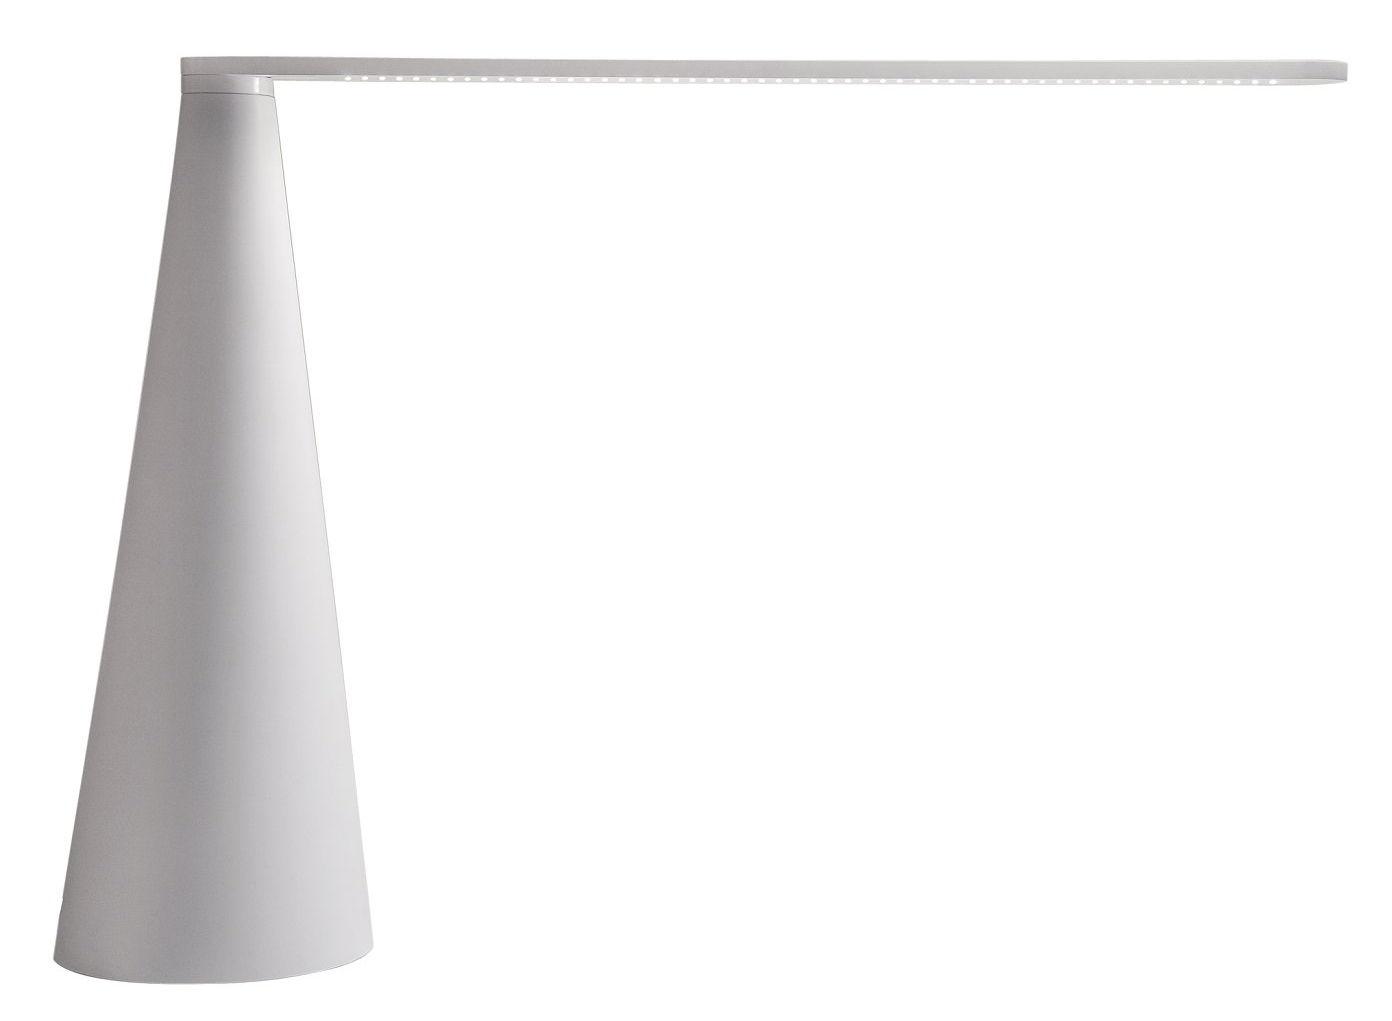 Luminaire - Lampes de table - Lampe de table Elica grand modèle H 52 cm - Martinelli Luce - Blanc - Aluminium